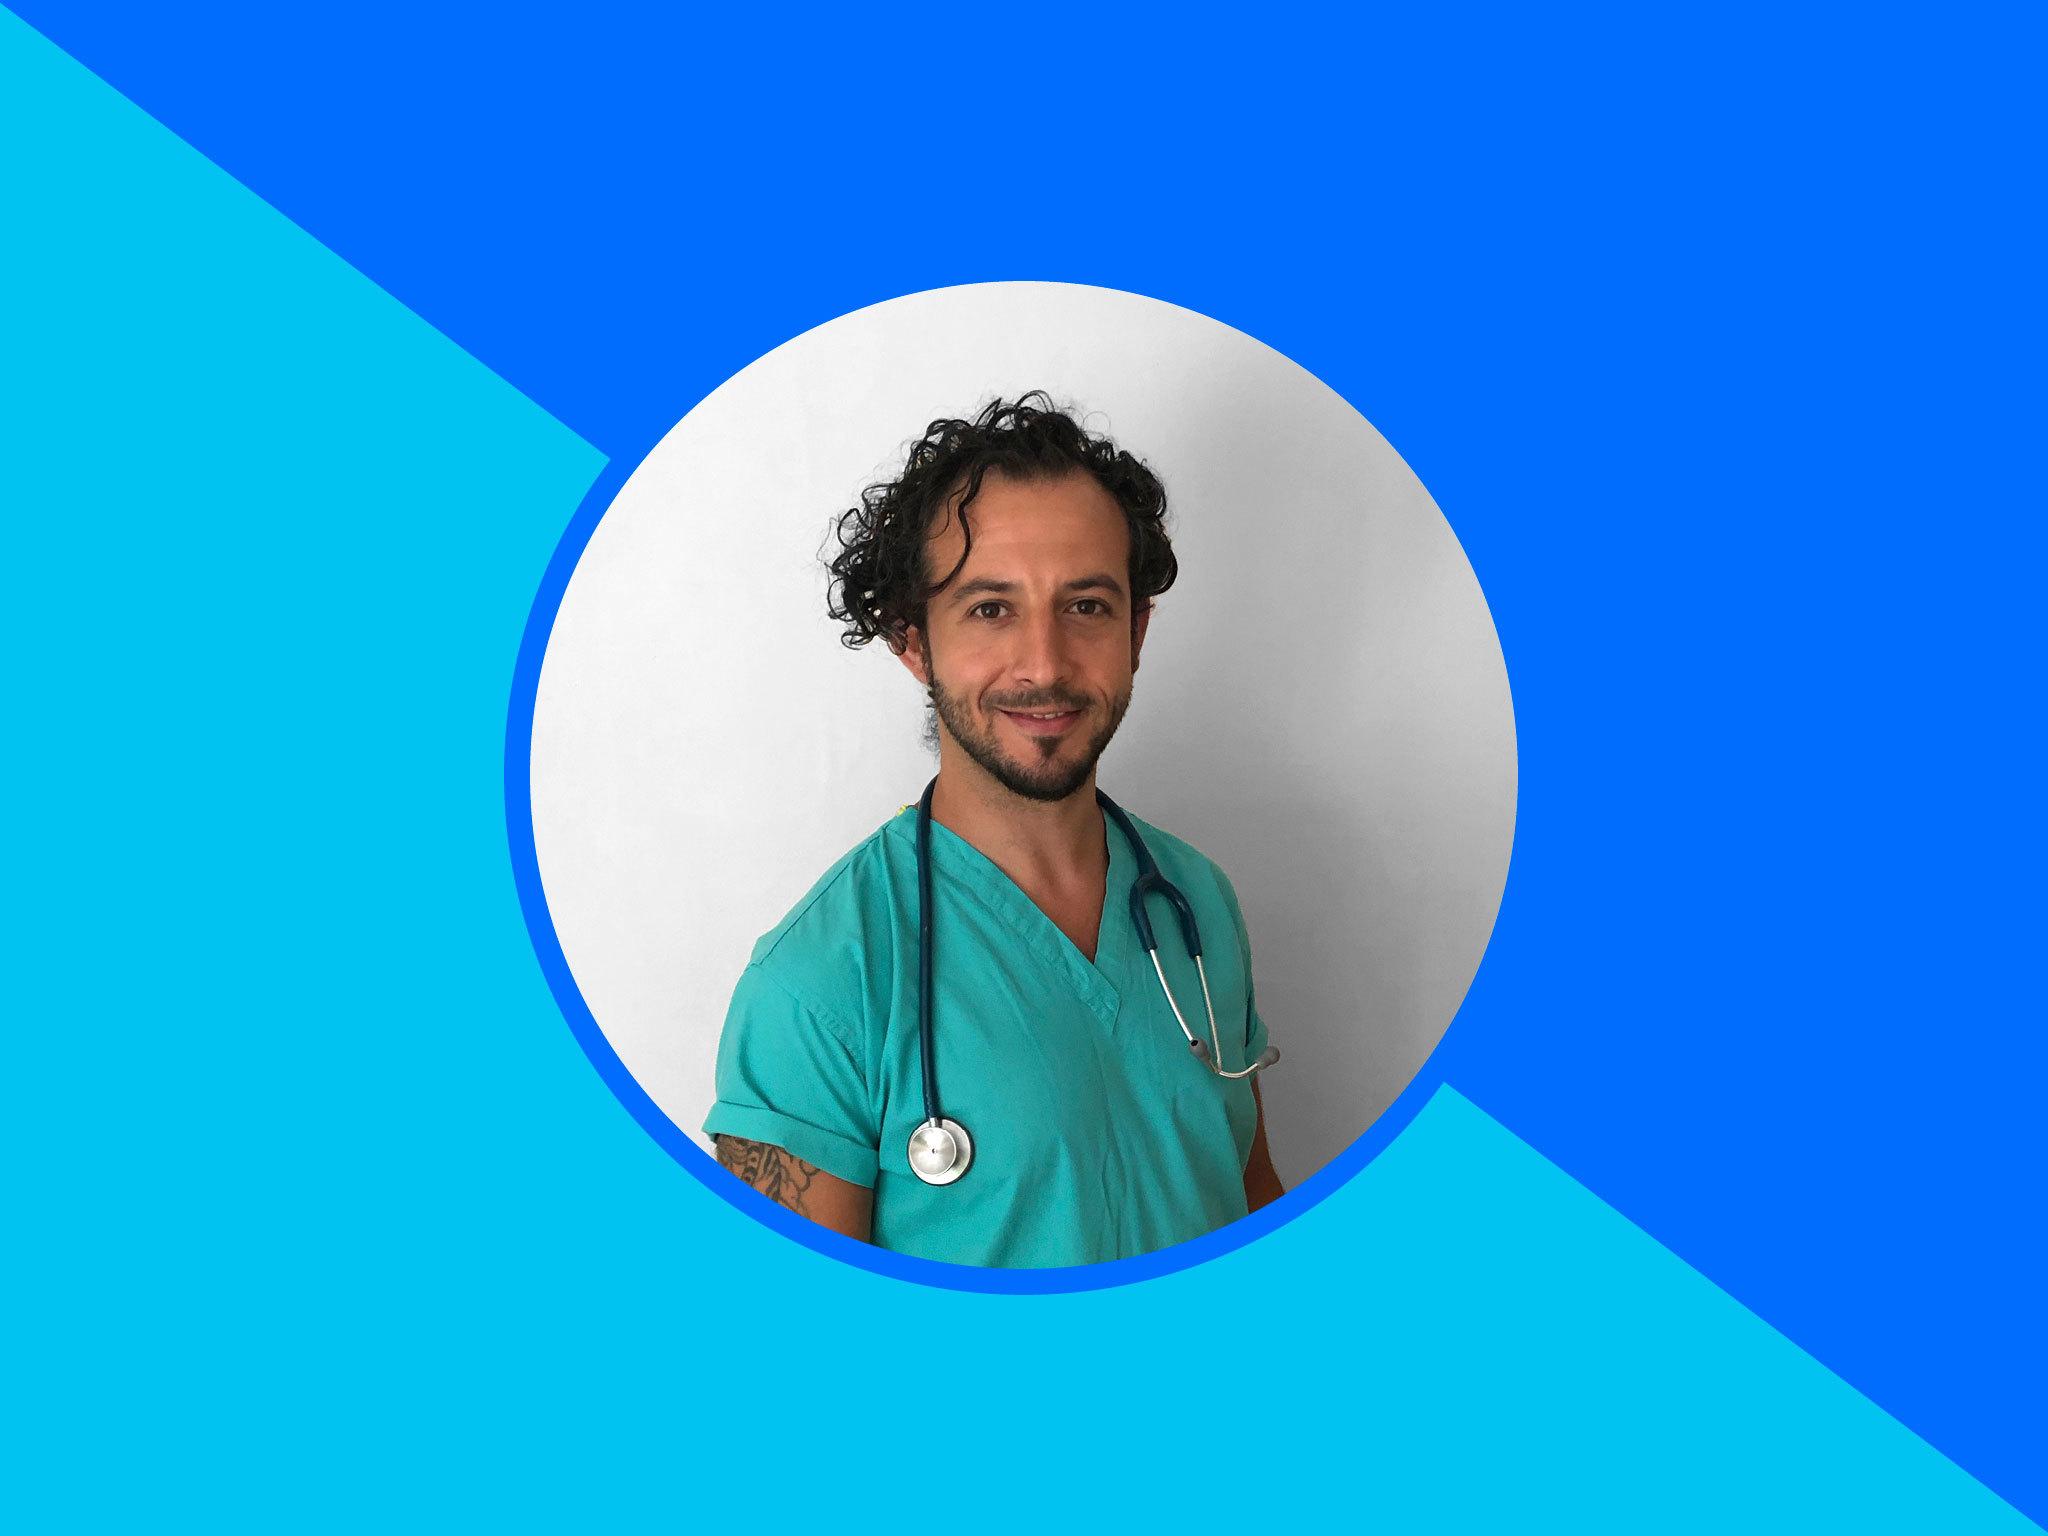 doctor, NHS